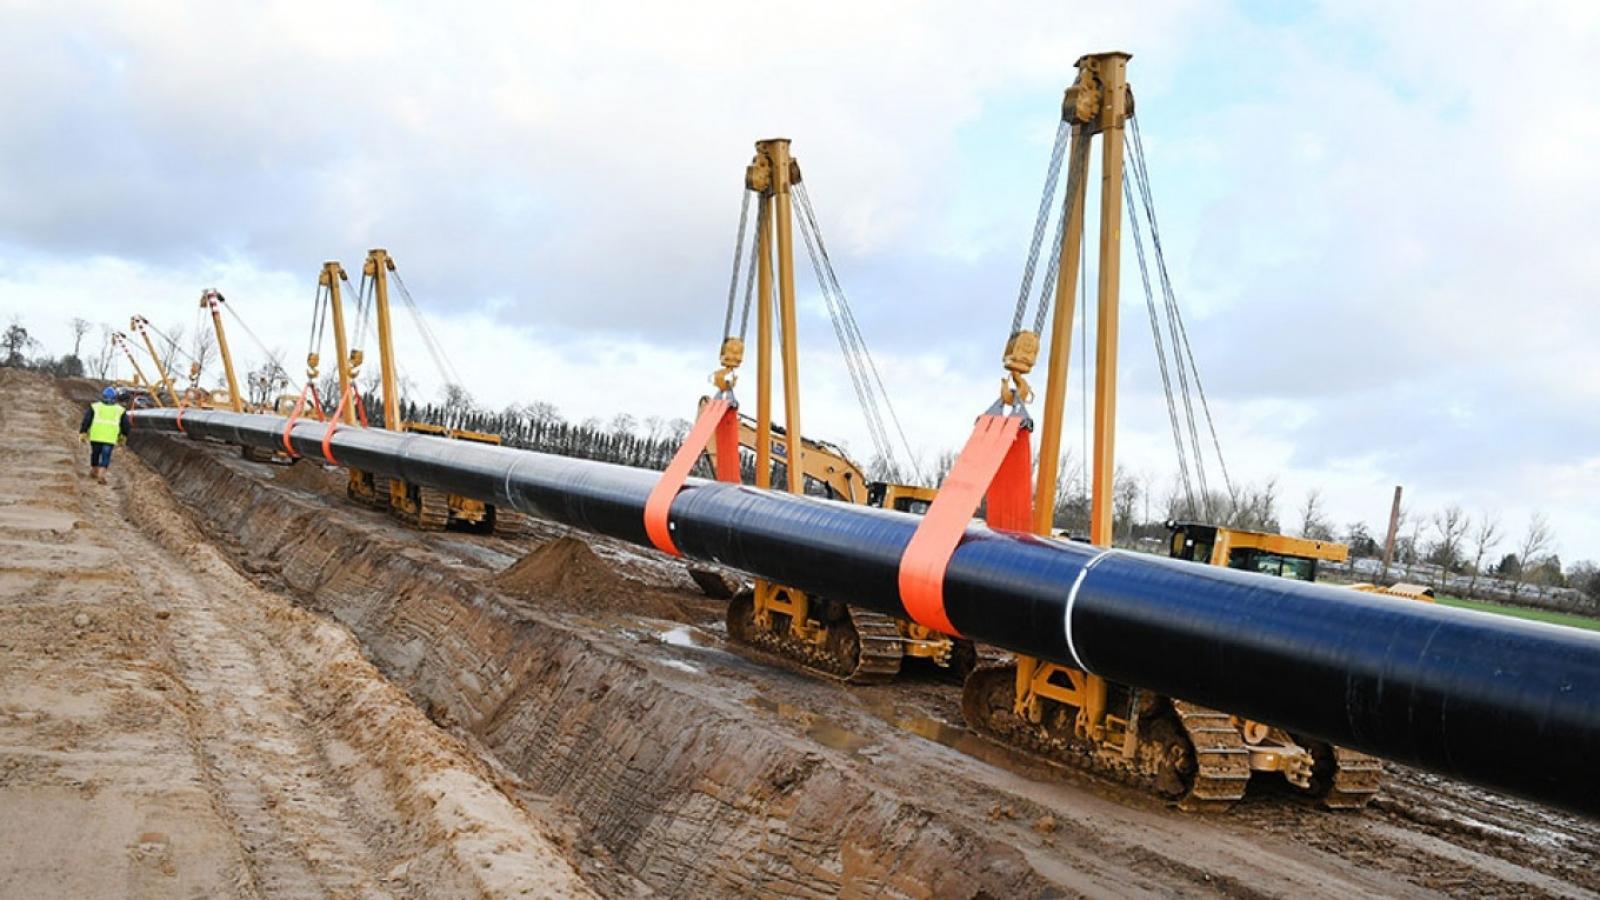 Nga không có ý định ngừng vận chuyển khí đốt đến châu Âu qua Ukraine